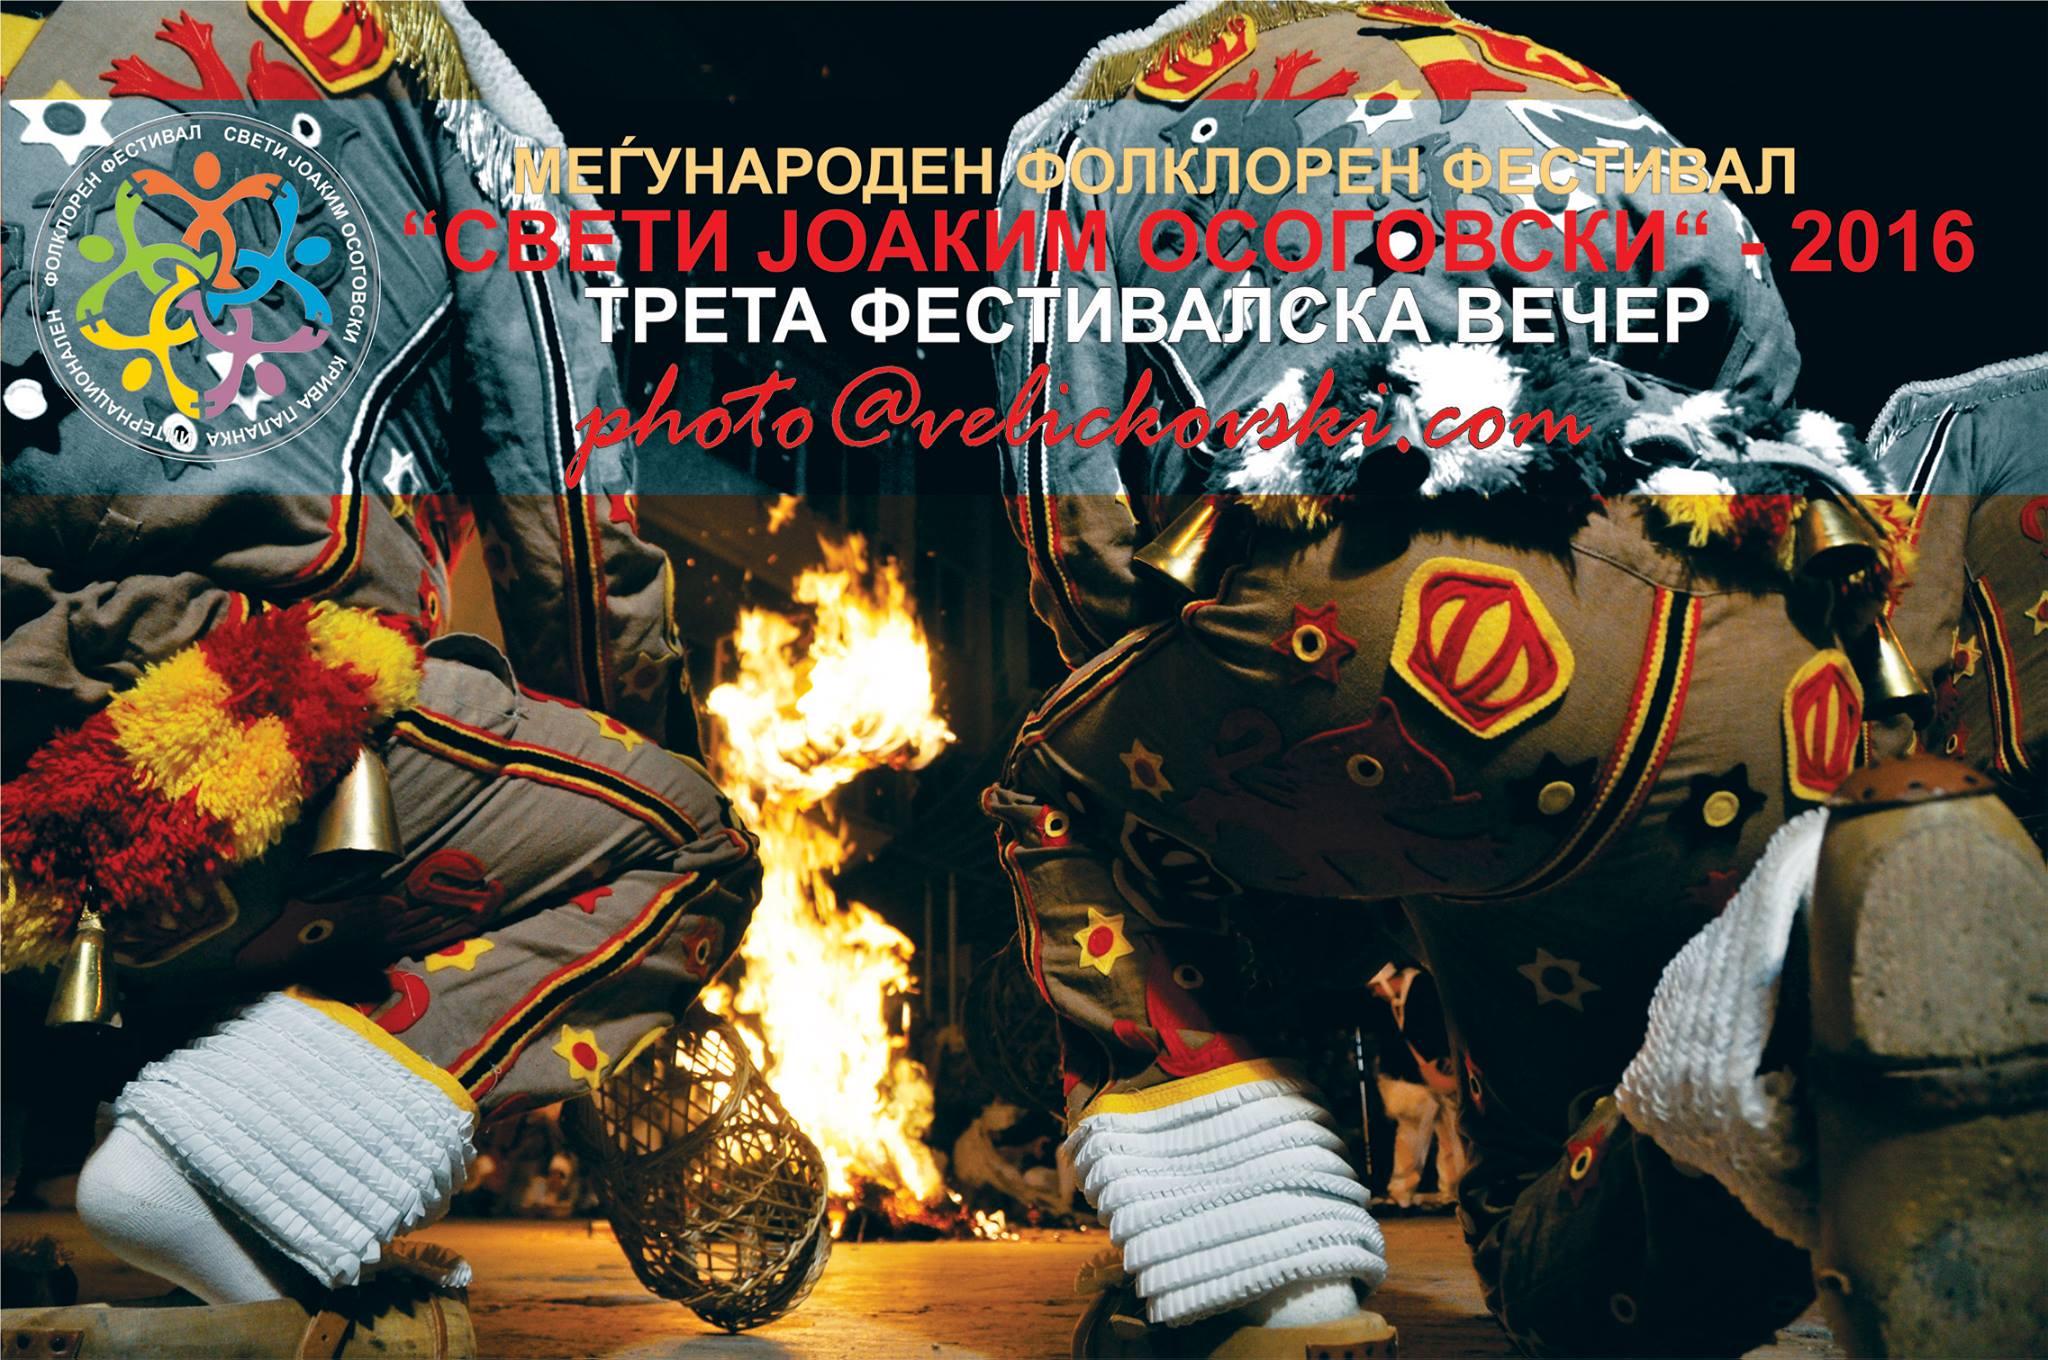 """Фолклорен фестивал """"Свети Јоаким Осоговски"""" – трета фестивалска вечер"""